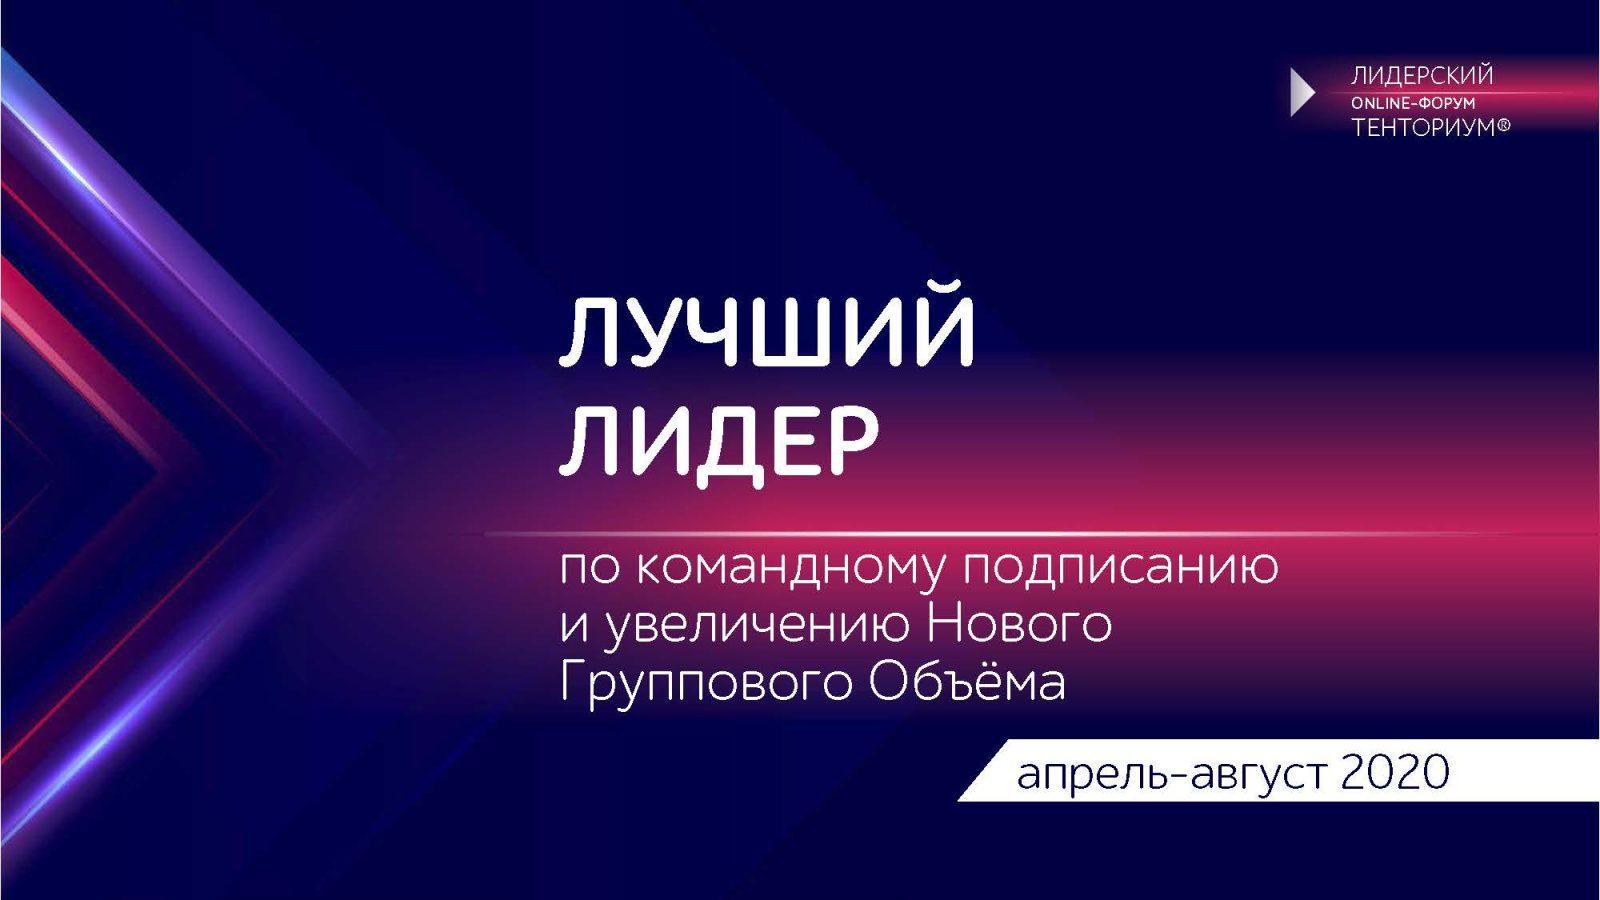 LF-2020-Luchshij-lider-po-komandnomu-podpisaniyu-i-uvelicheniyu-NGO-3_Stranitsa_1